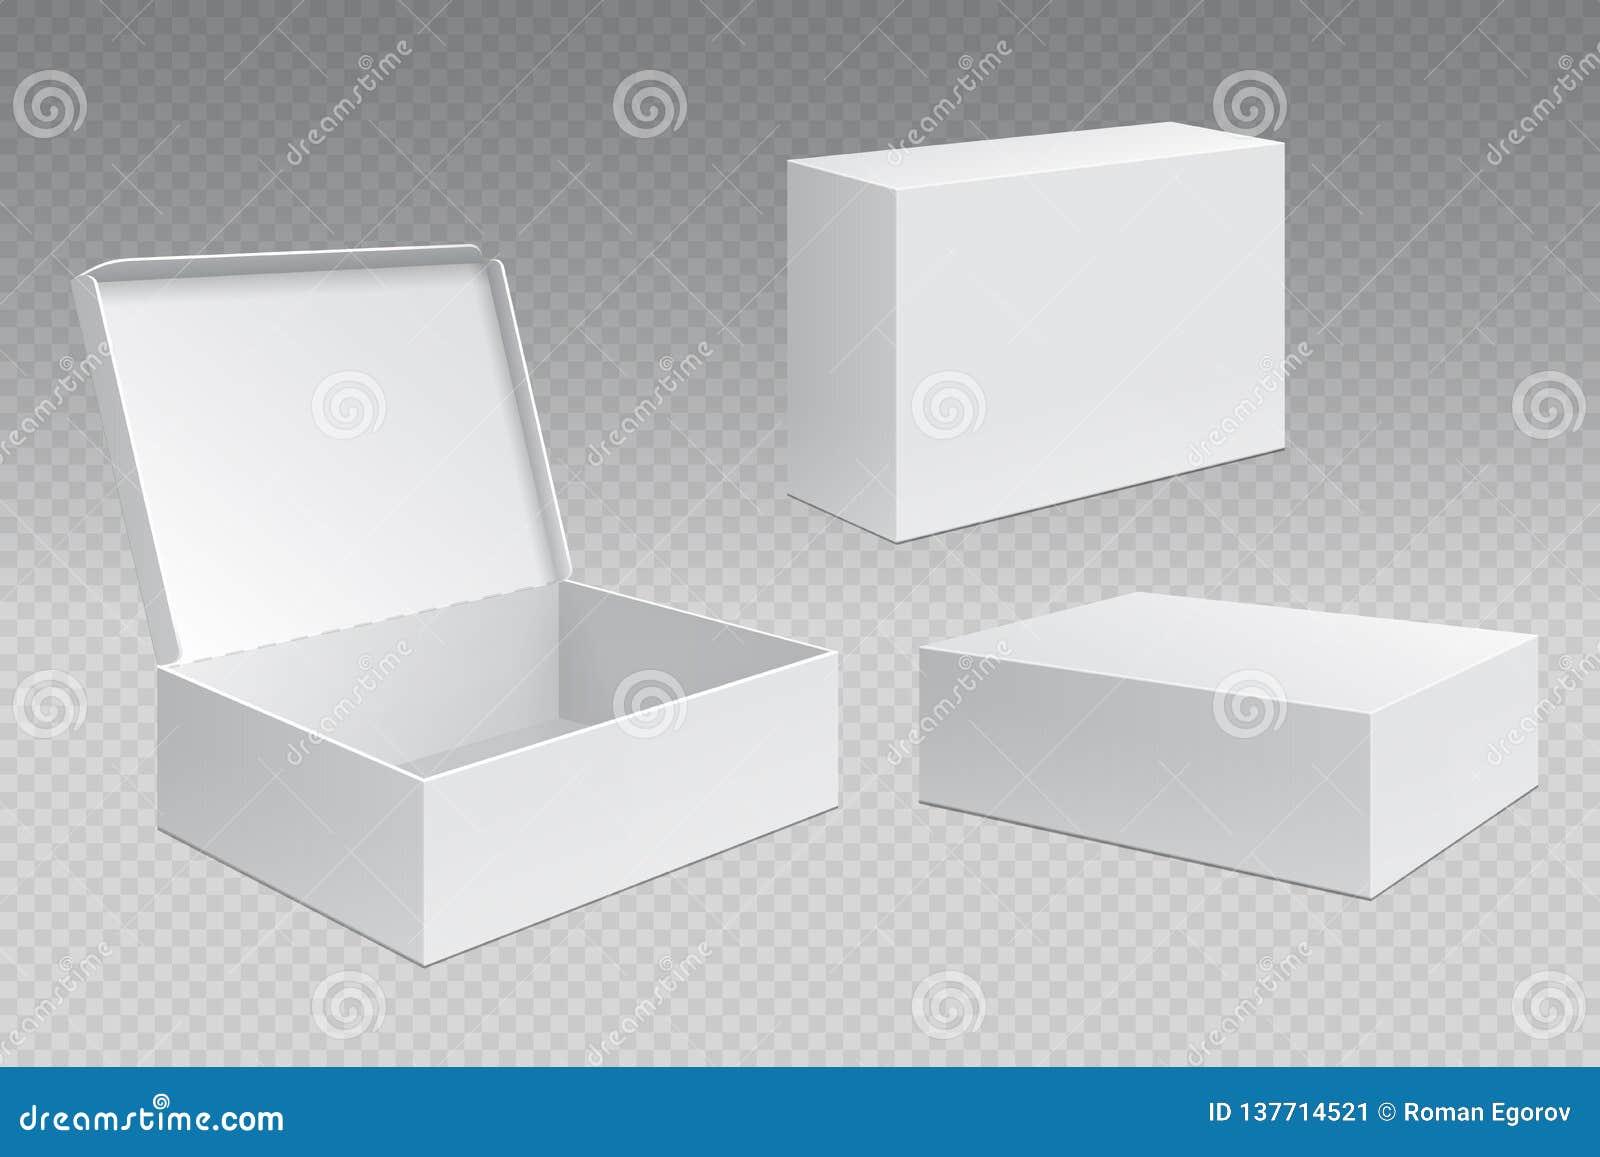 现实包装的箱子 白色开放纸板组装,空白的经营的产品嘲笑  纸盒方形的容器